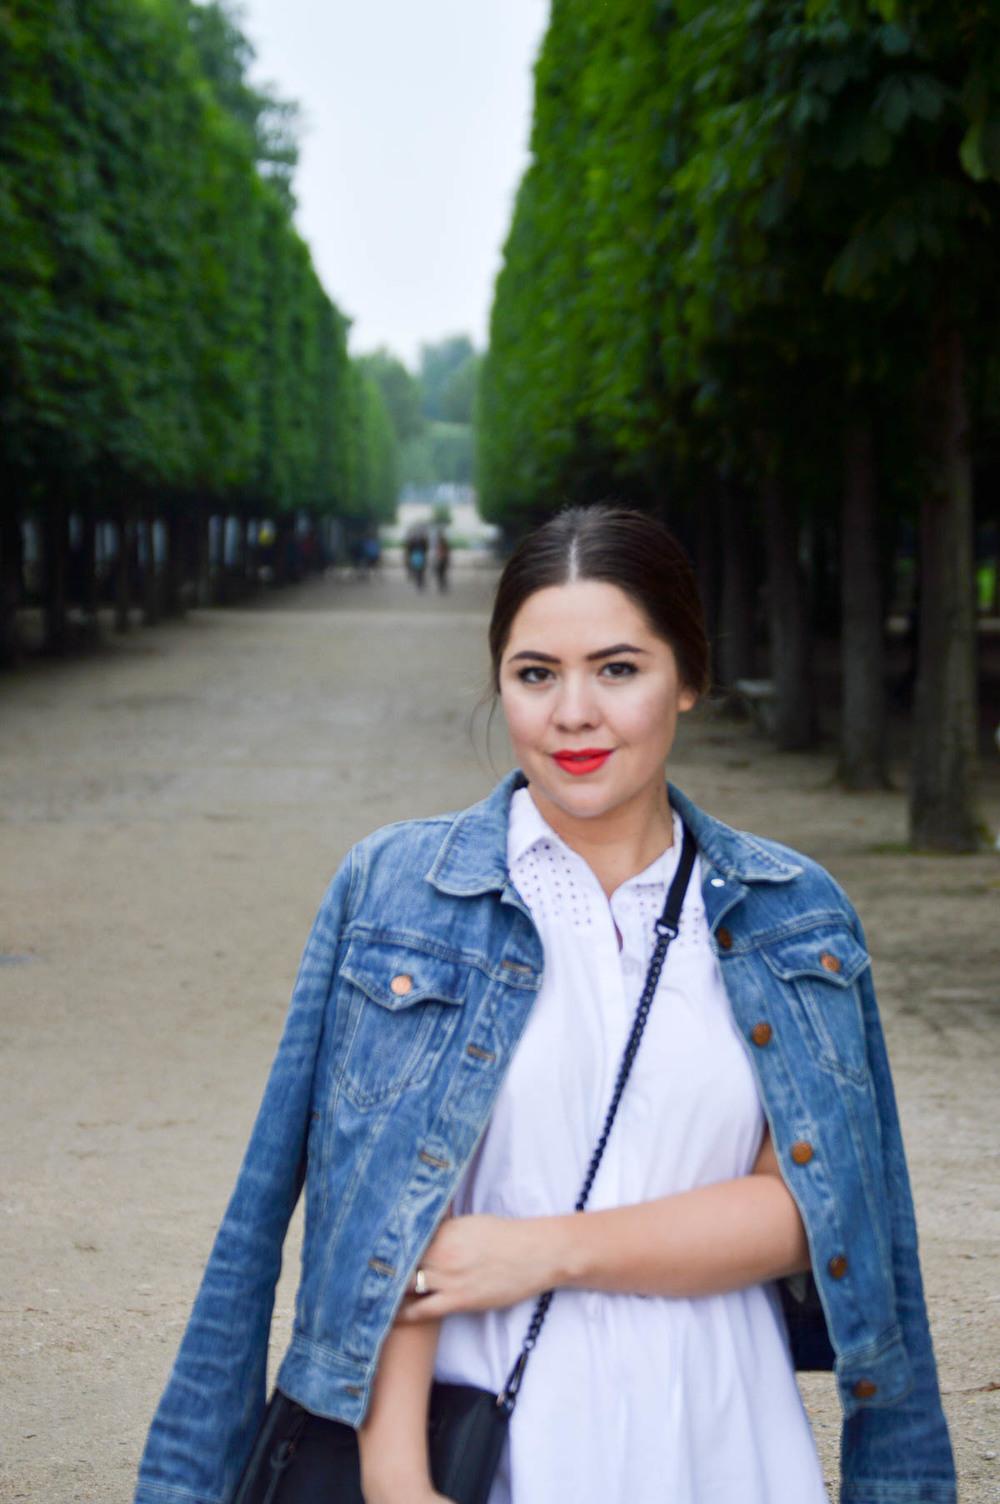 Jardin Du Louvre Génial the Pacific Standard — Jardin Du Louvre Paris Travel Outfit